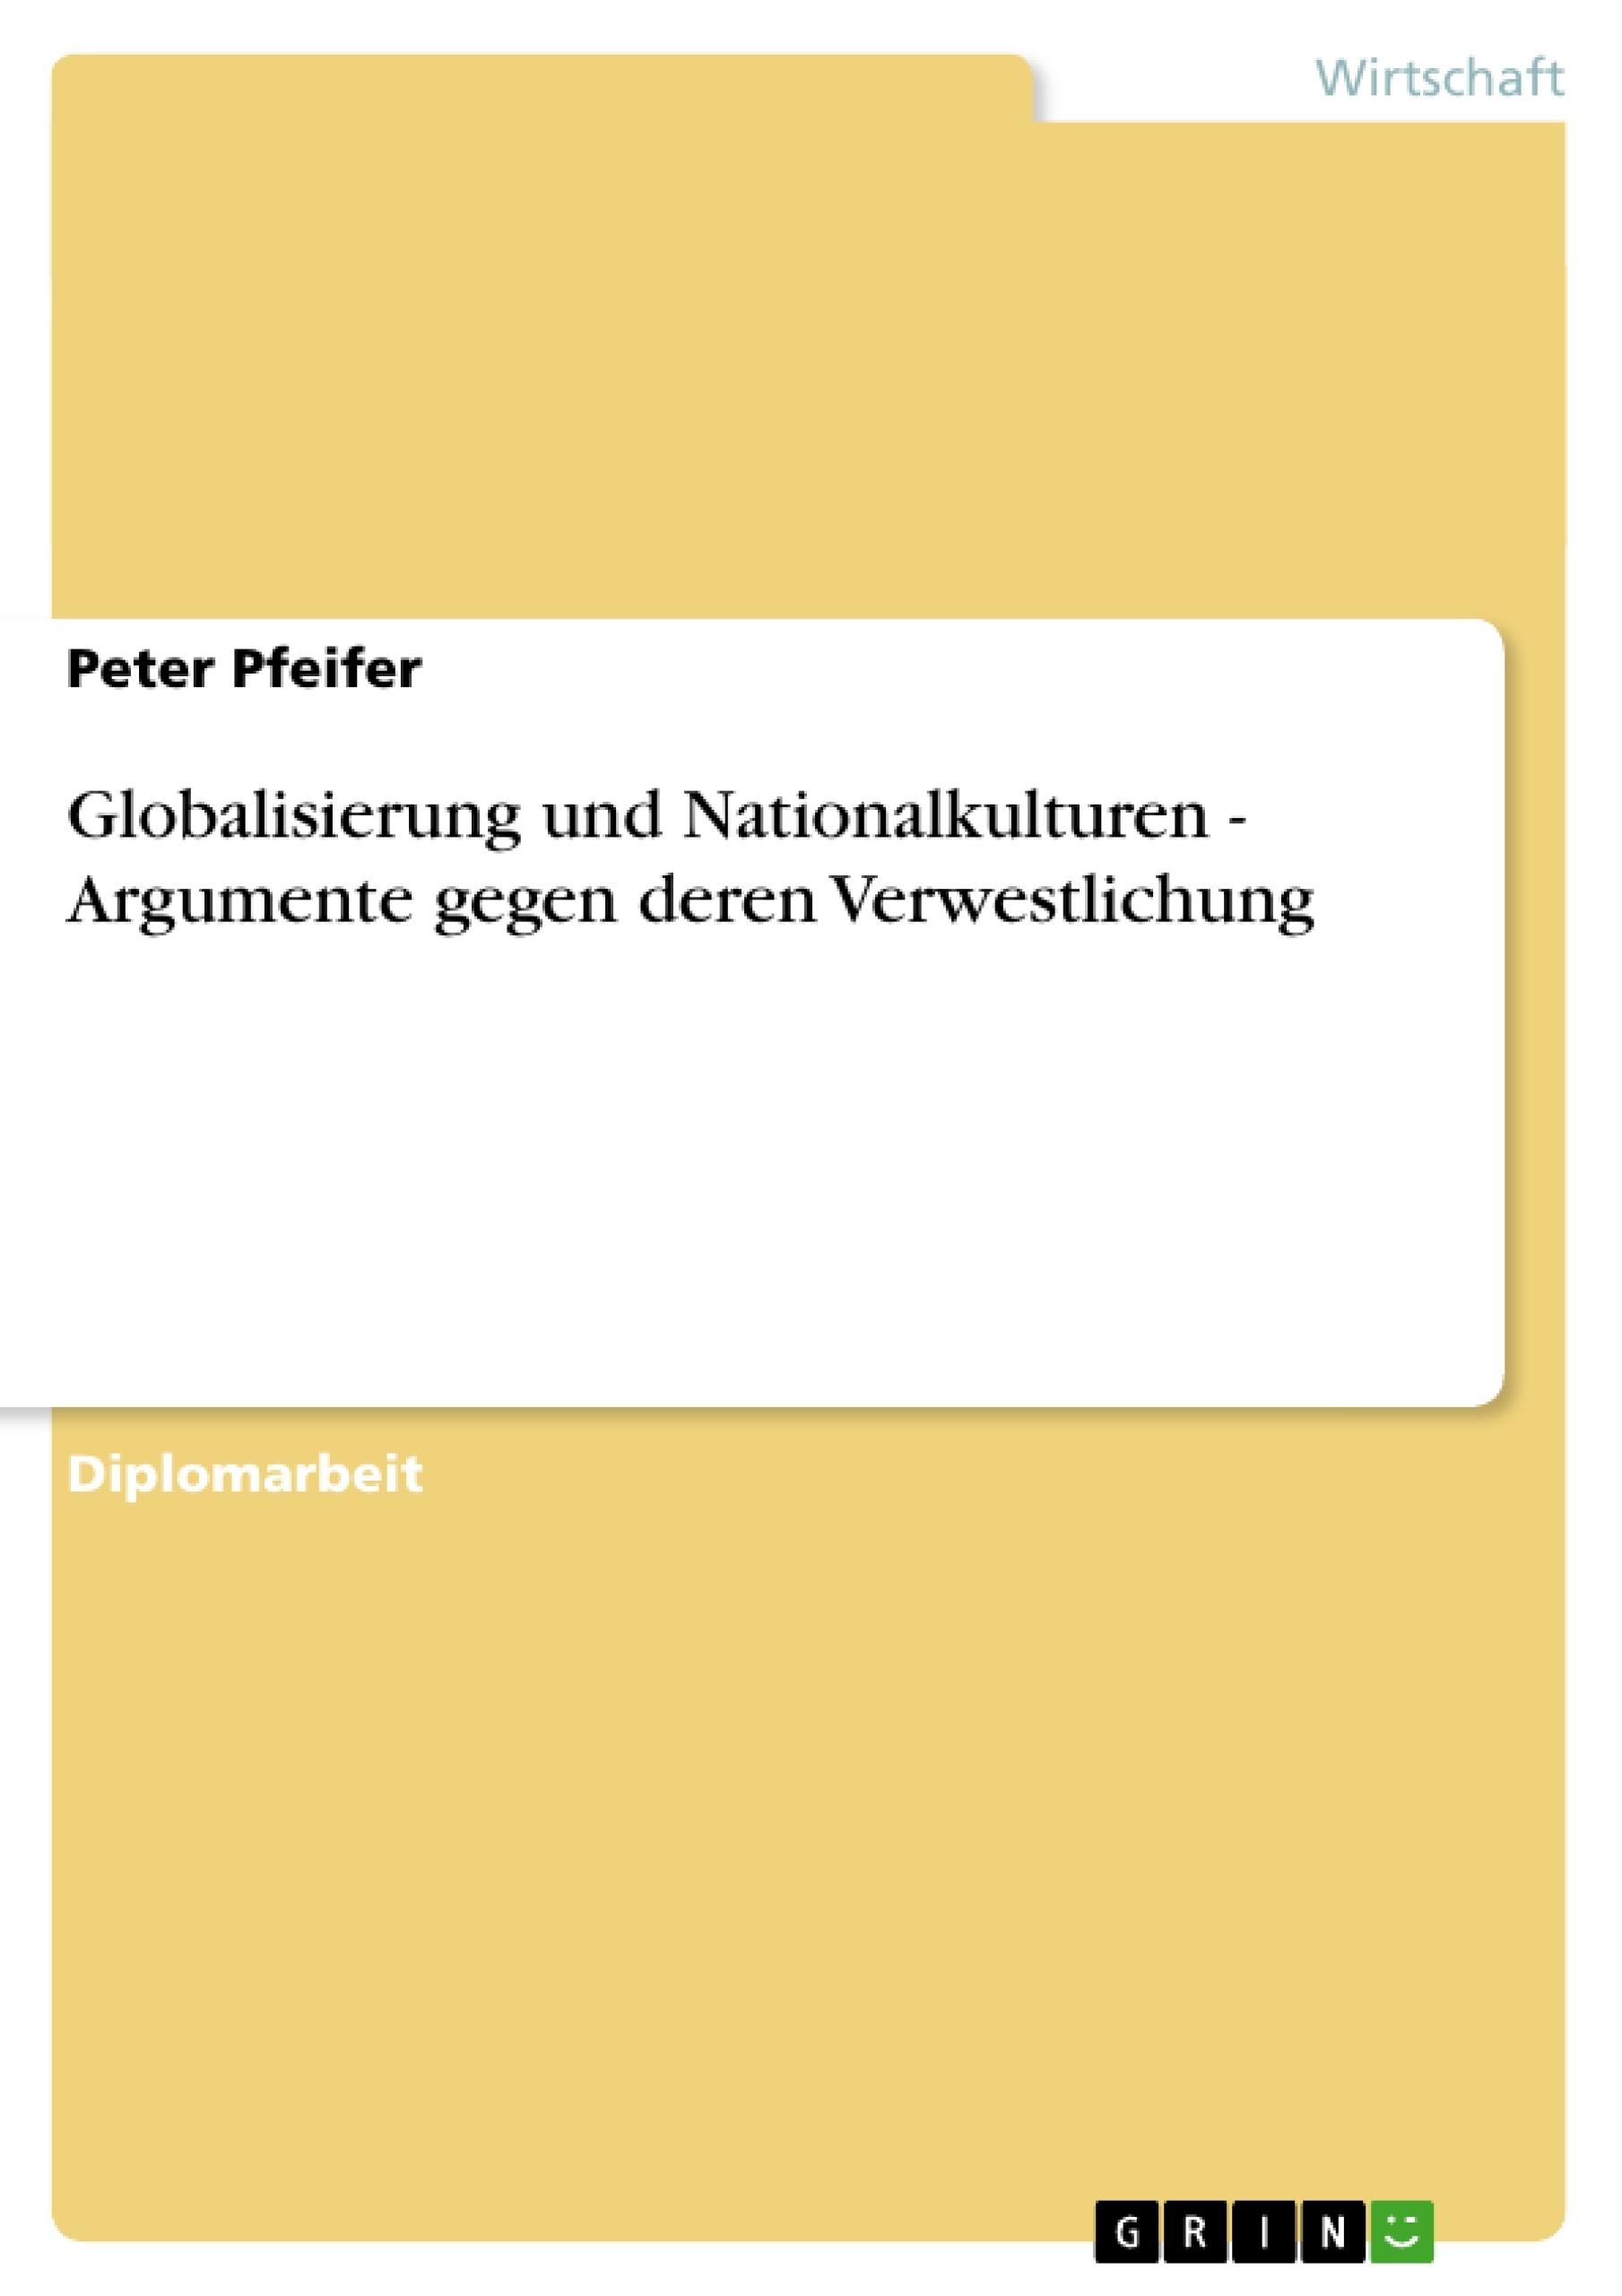 Titel: Globalisierung und Nationalkulturen - Argumente gegen deren Verwestlichung